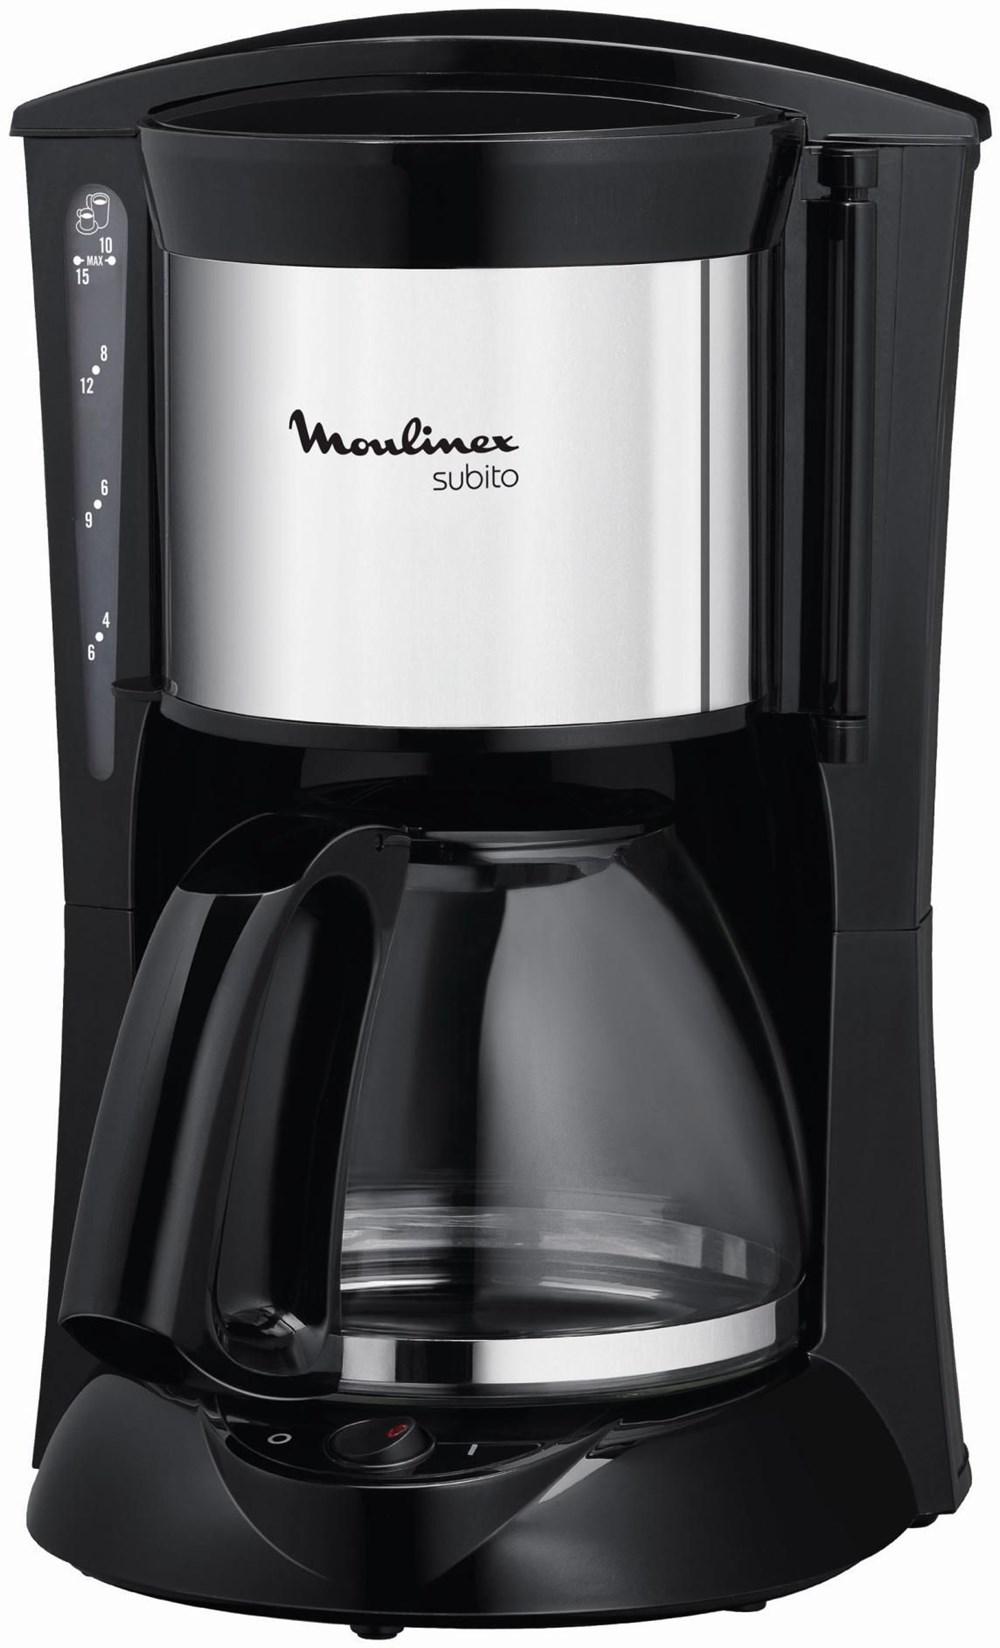 Superb Moulinex FG1105 Subito Kaffeemaschine Schwarz